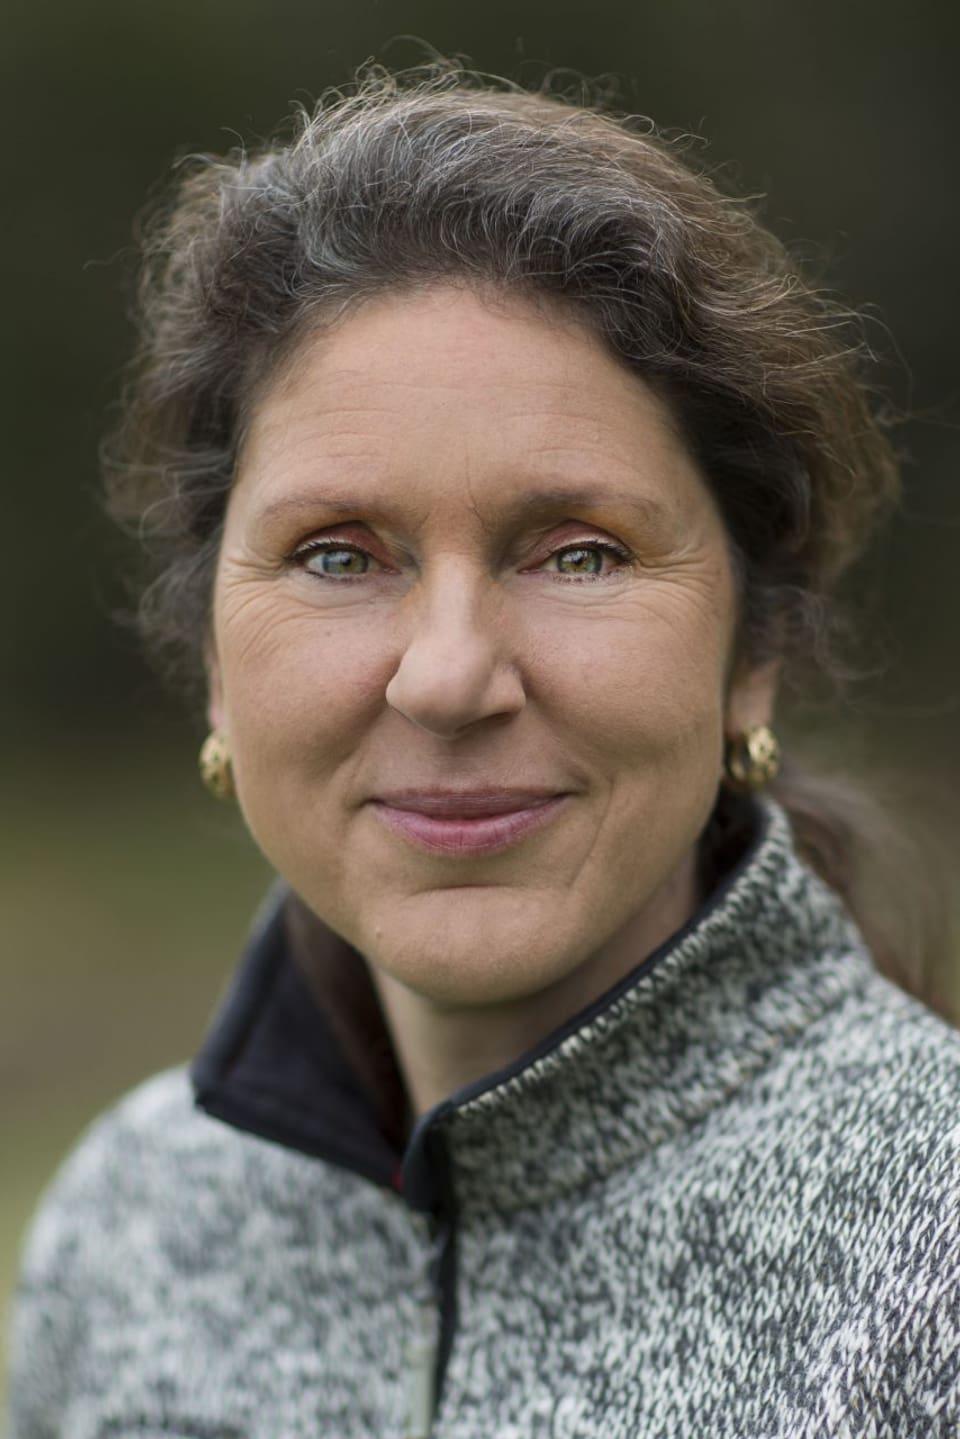 Astrid Eichin